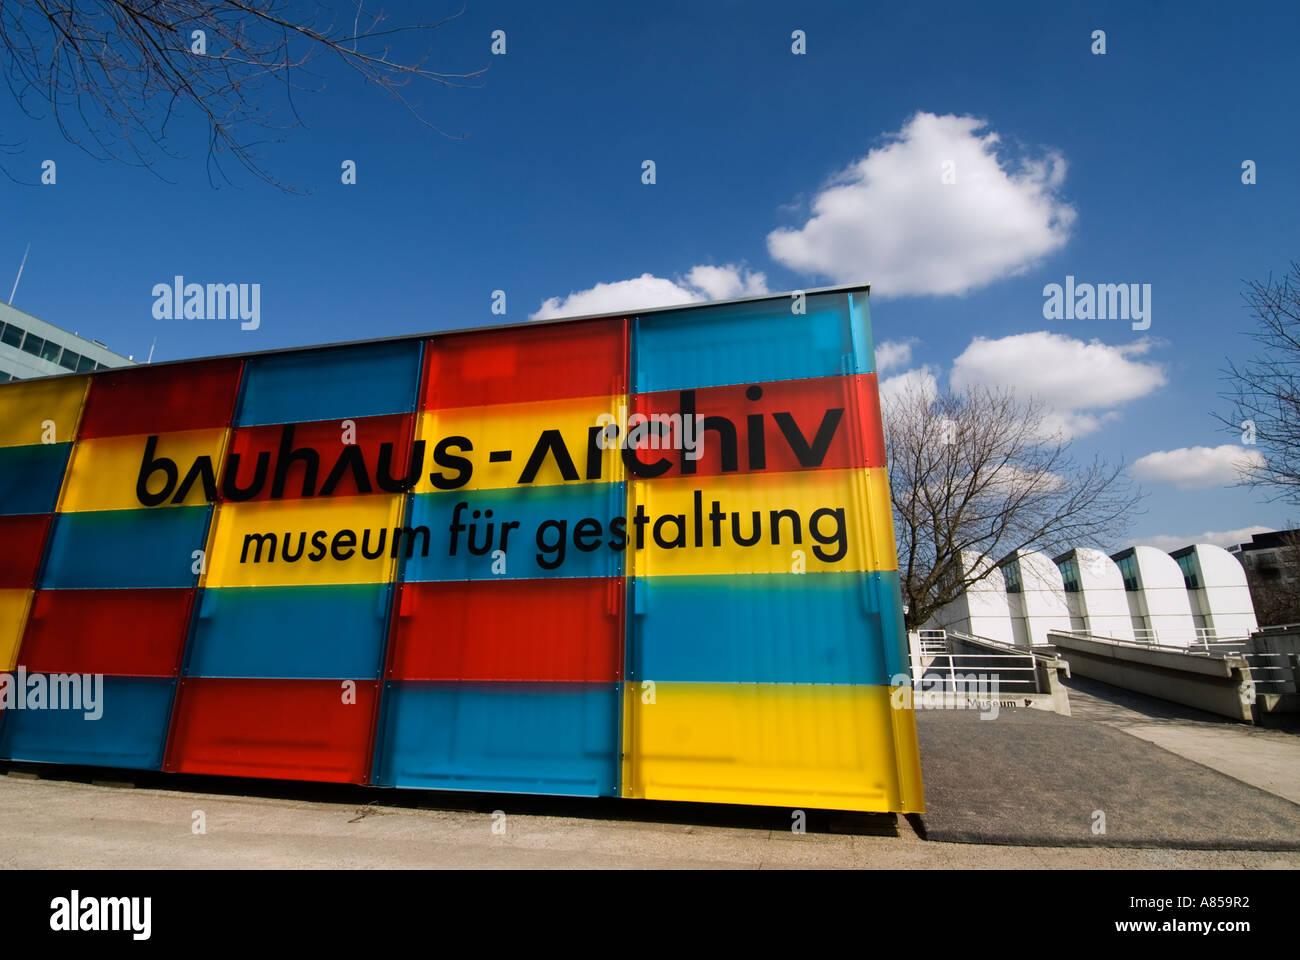 Entrée de Bauhaus-archiv Museum de Berlin Allemagne Photo Stock